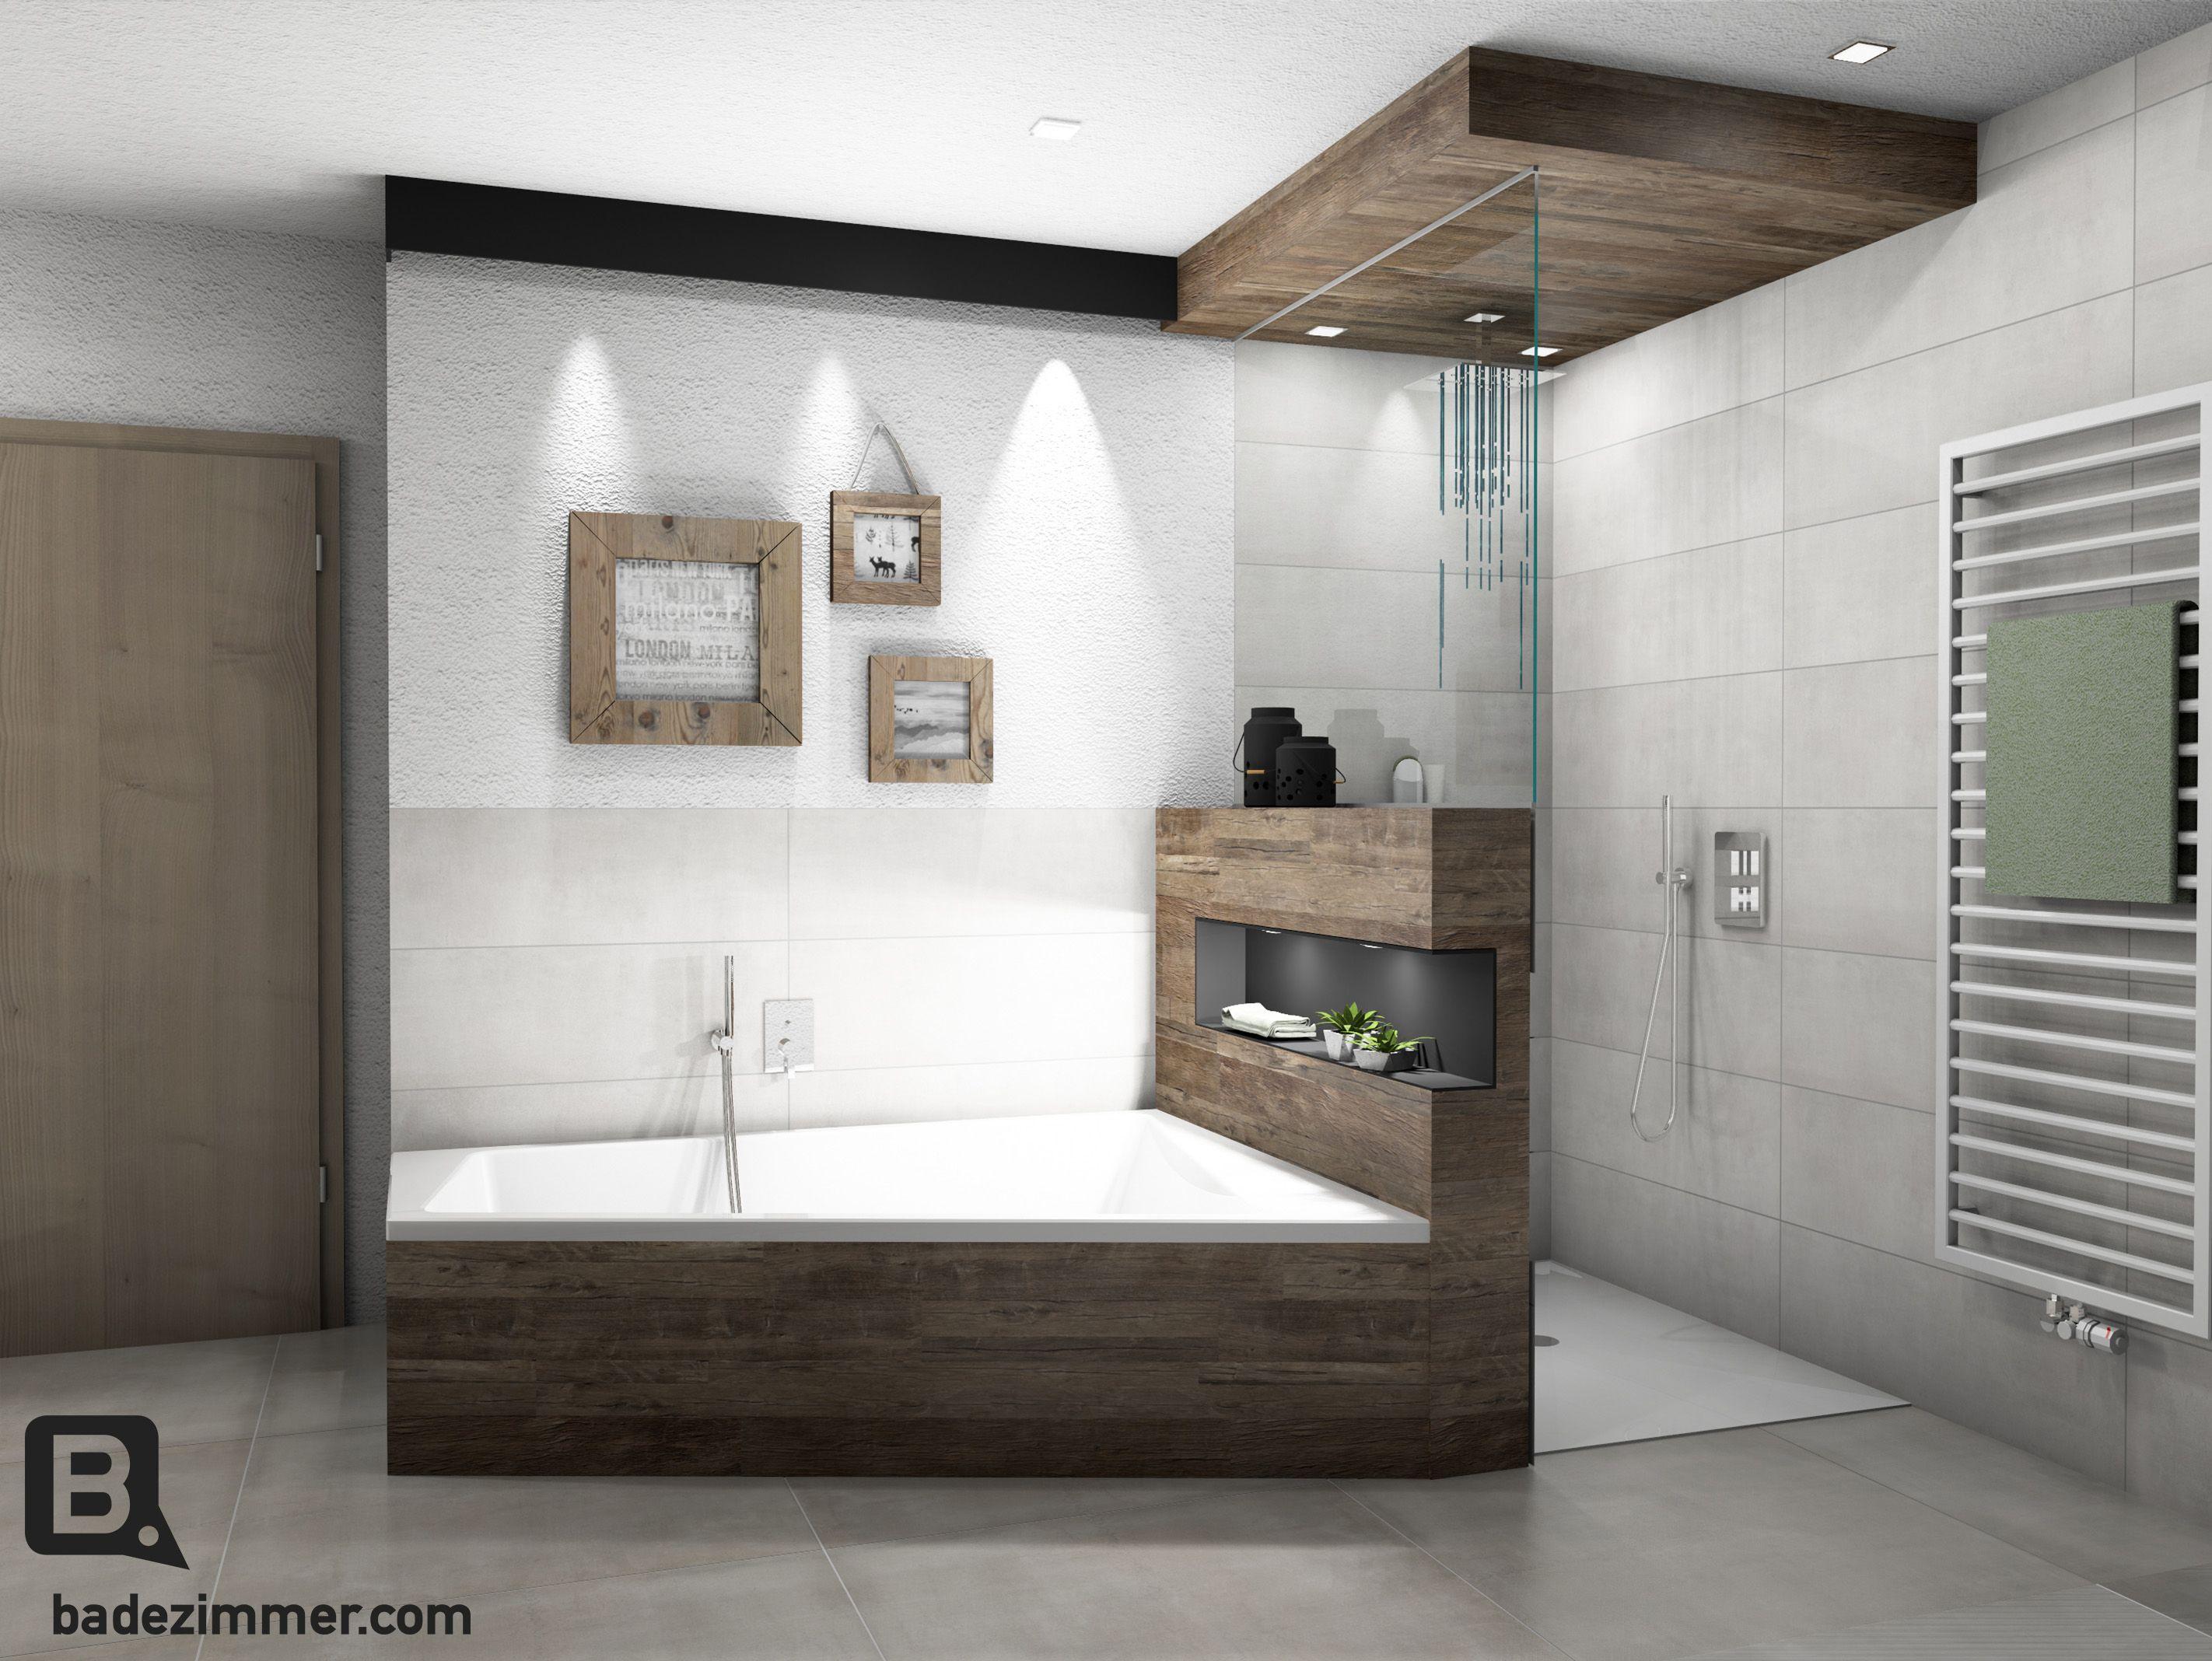 Altholz Im Bad Besonderer Blickfang Bad Inspiration Dusche Umgestalten Badezimmer